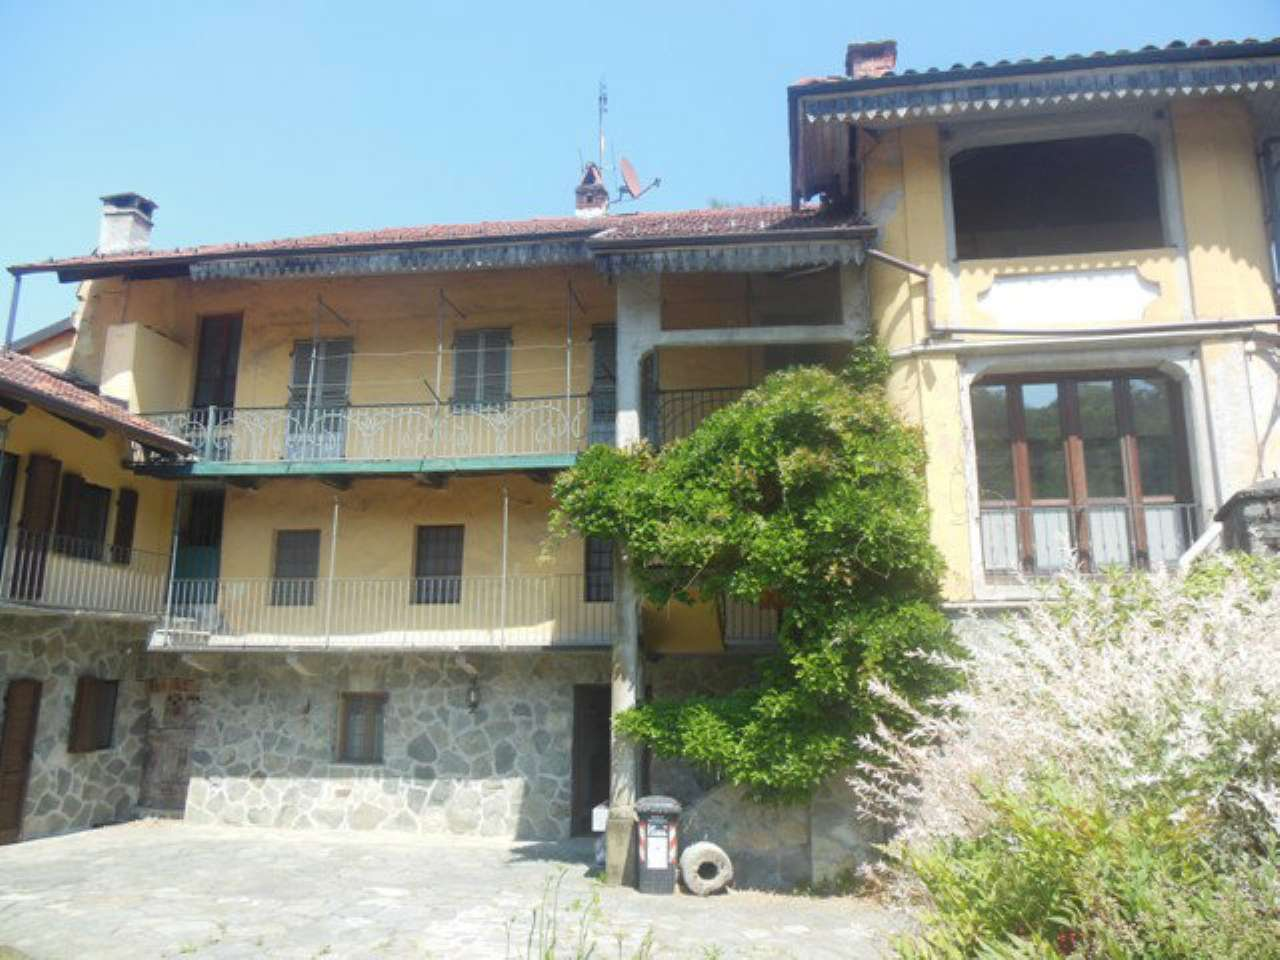 Rustico / Casale in vendita a Rocca Canavese, 12 locali, prezzo € 385.000 | Cambio Casa.it